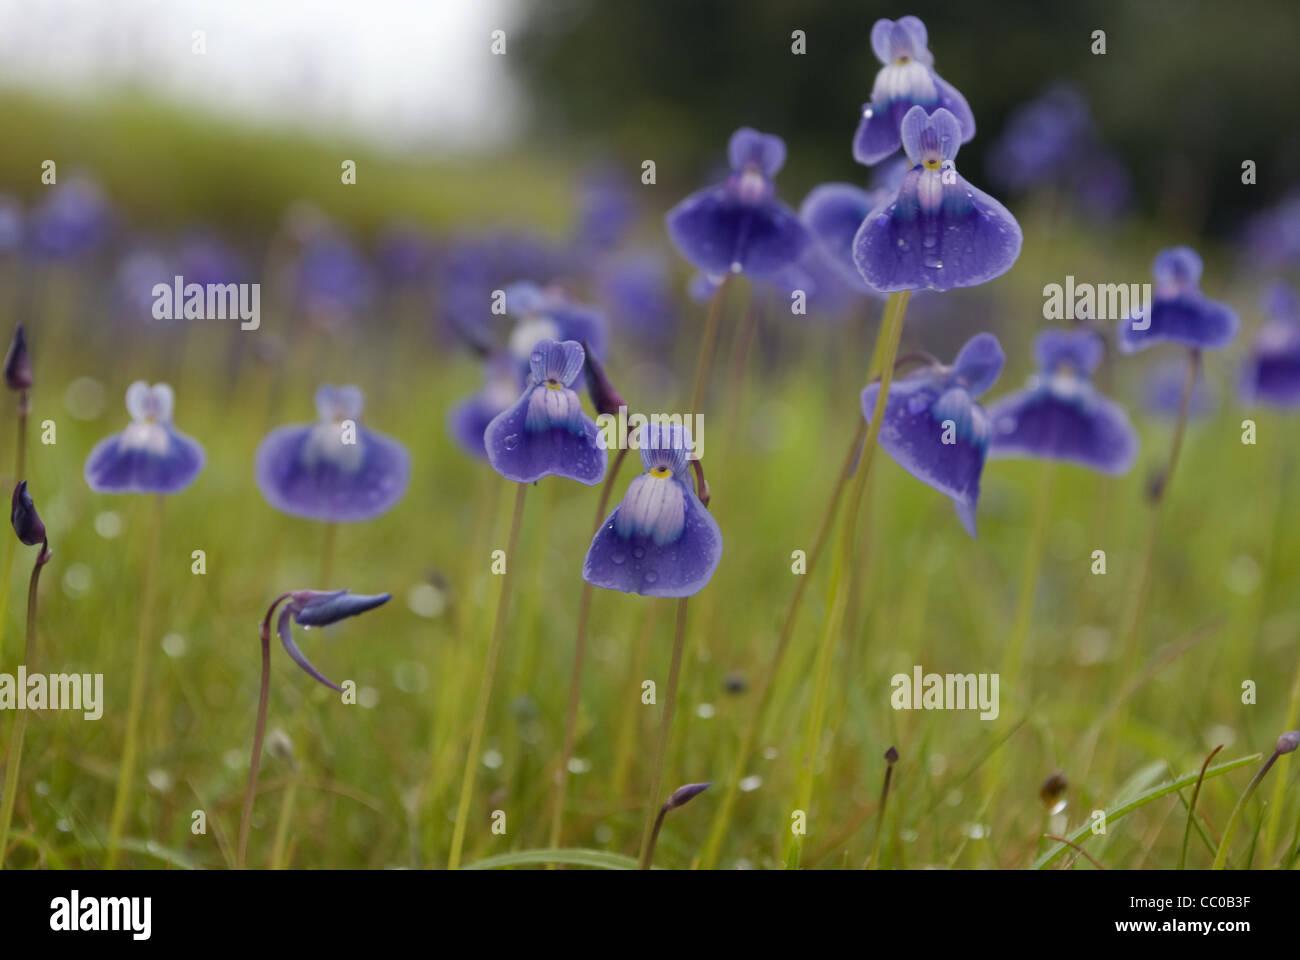 Utriculaire pourpre (Utricularia purpurascens) Photo Stock